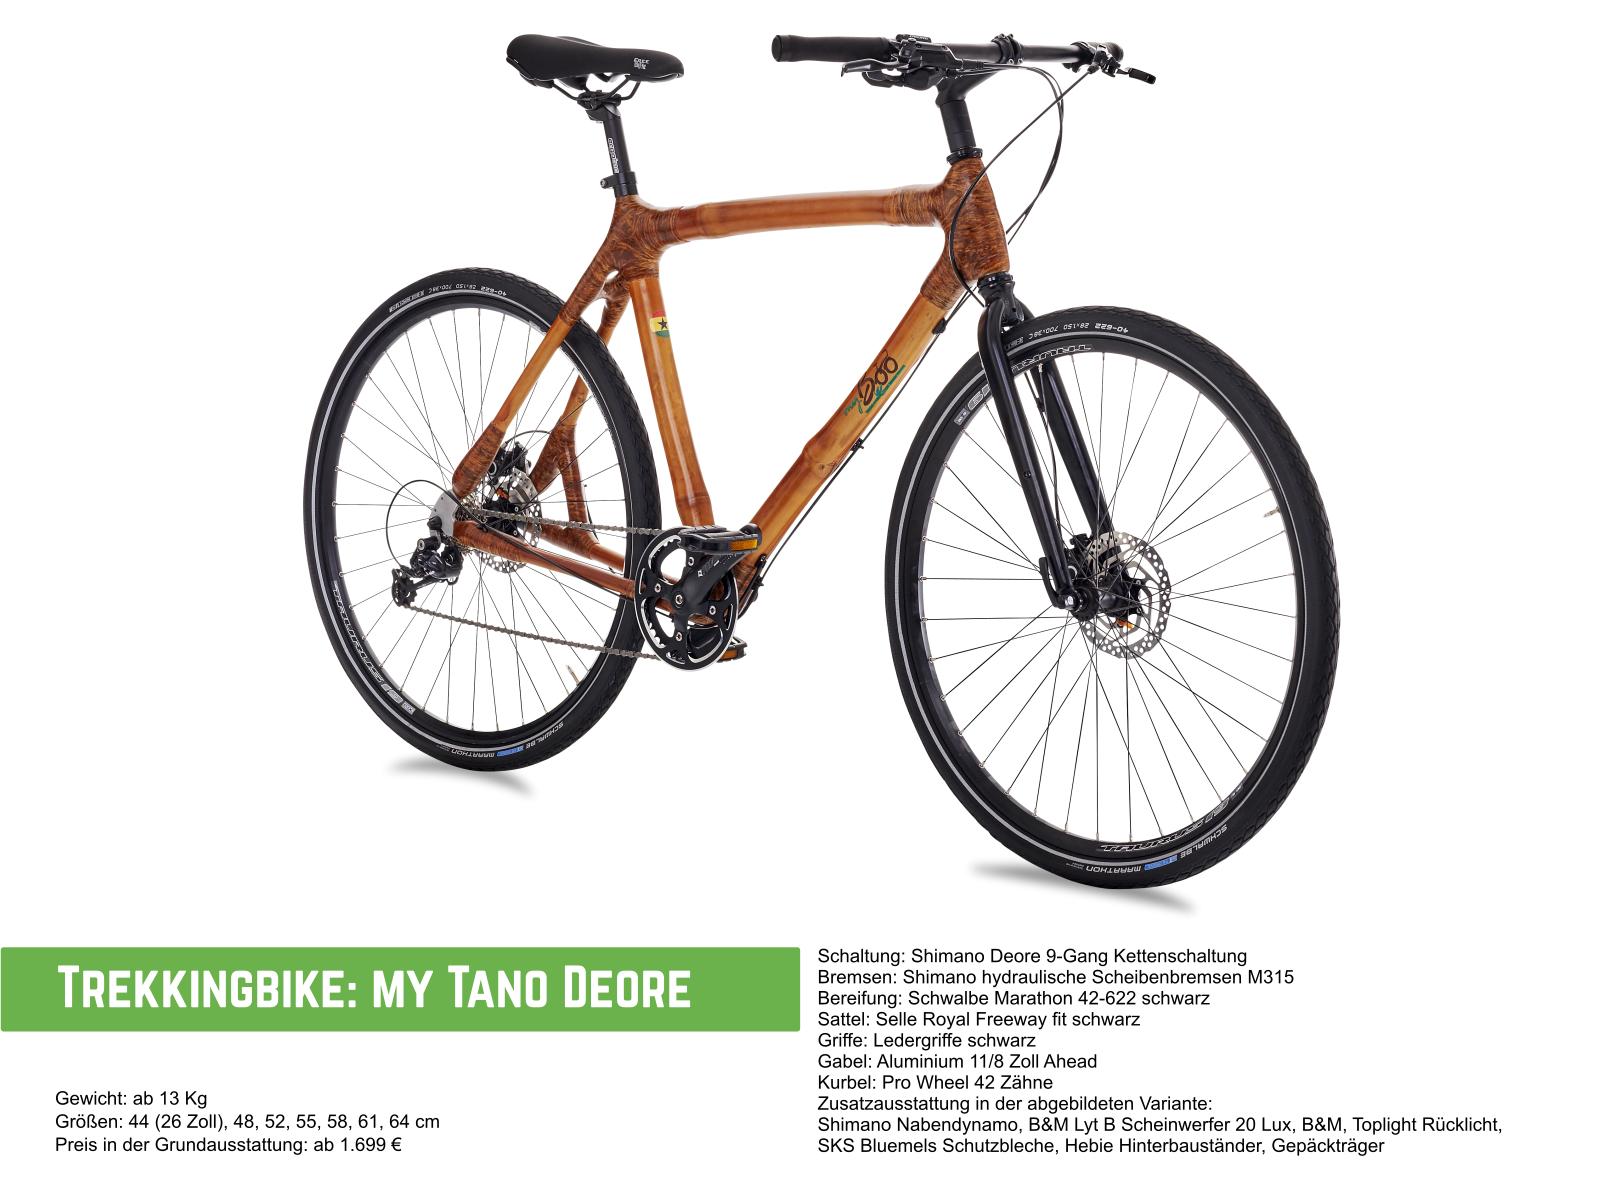 tanodeore-1